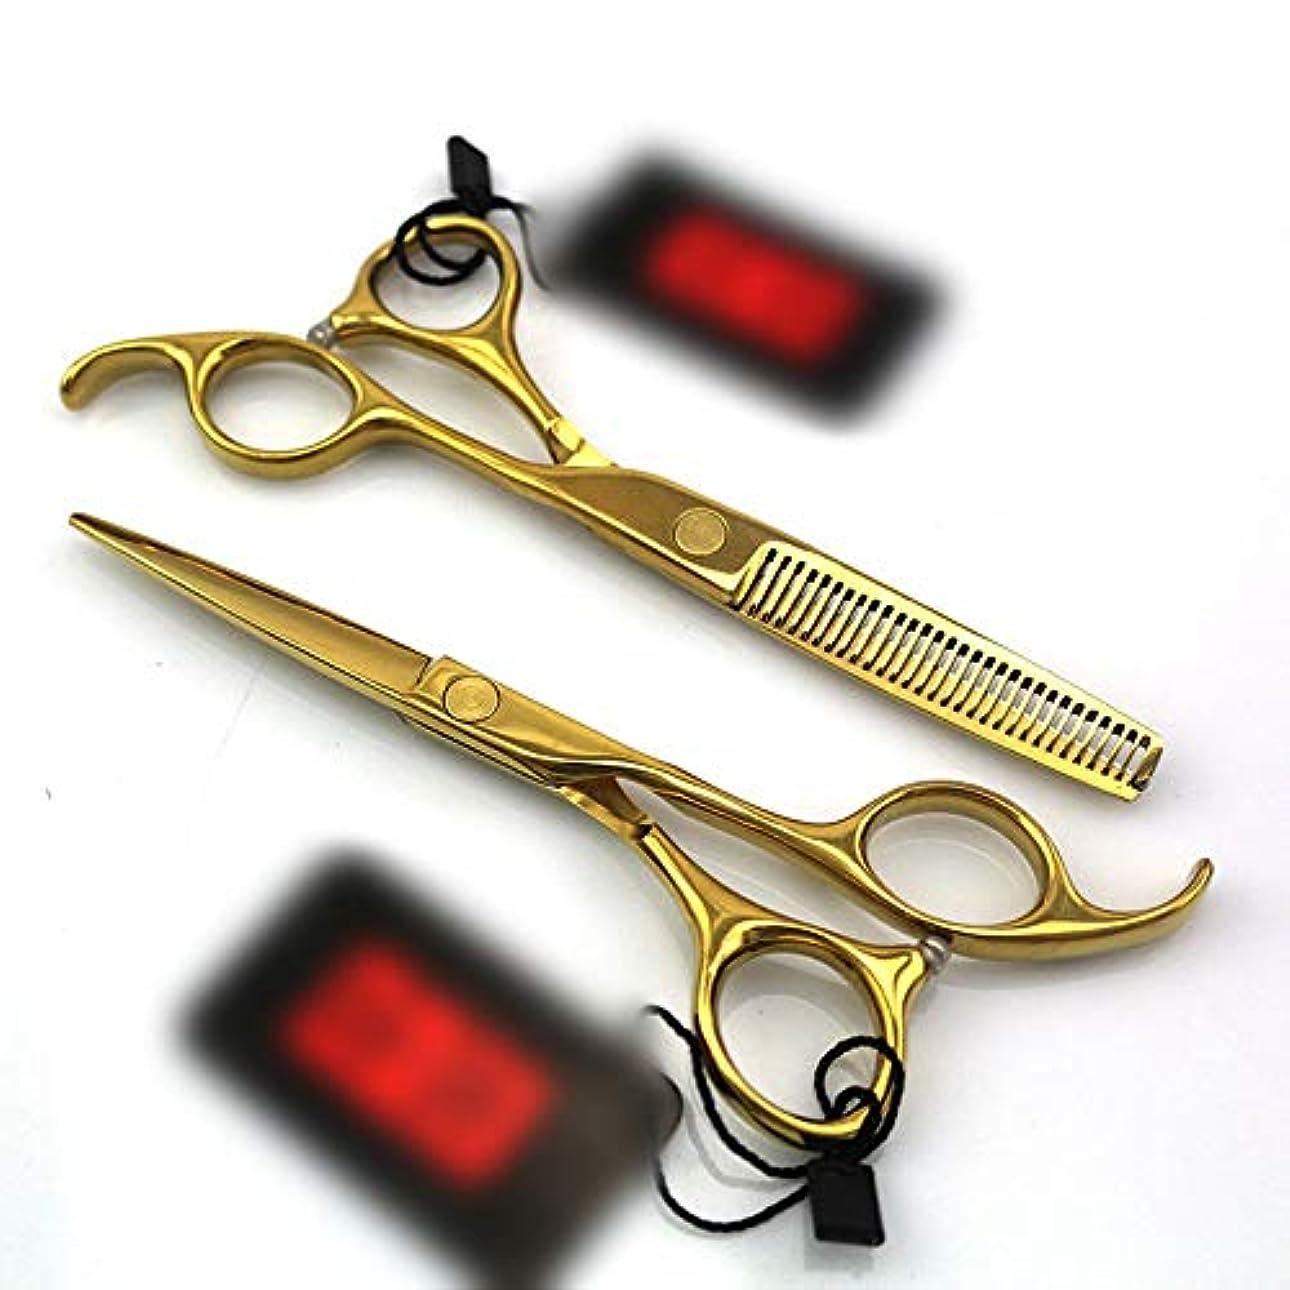 食欲ライトニング崖5.5インチのまっすぐなハンドルの理髪師のめっきの金の専門の理髪セット モデリングツール (色 : ゴールド)